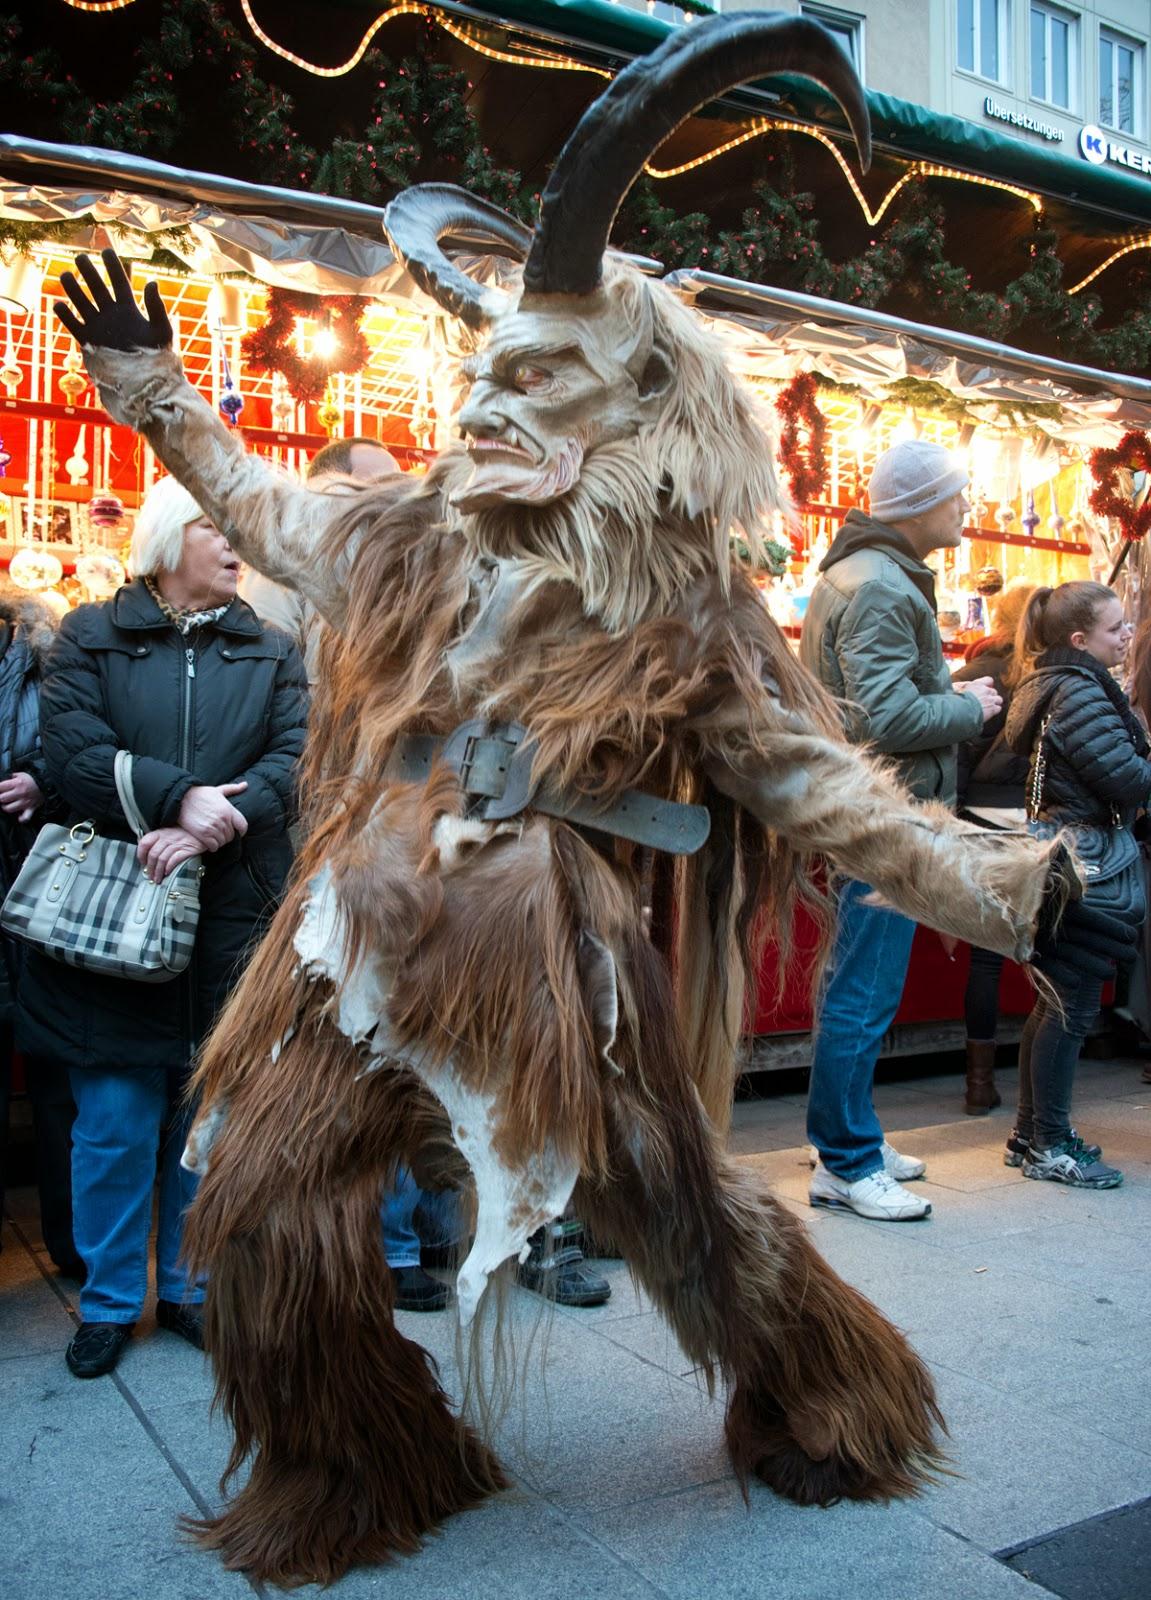 Krampus Run through Munich's Christmas Market